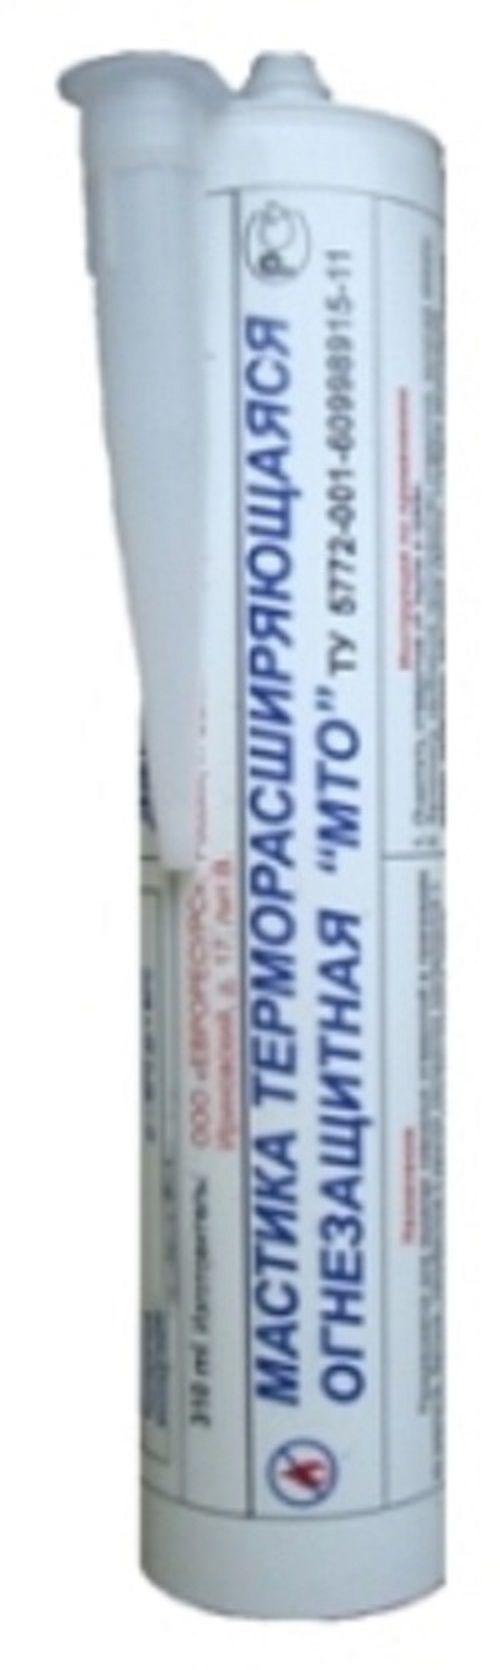 Мастика МТО терморасширяющаяся огнезащитная для кабельных проходок (310 мг)